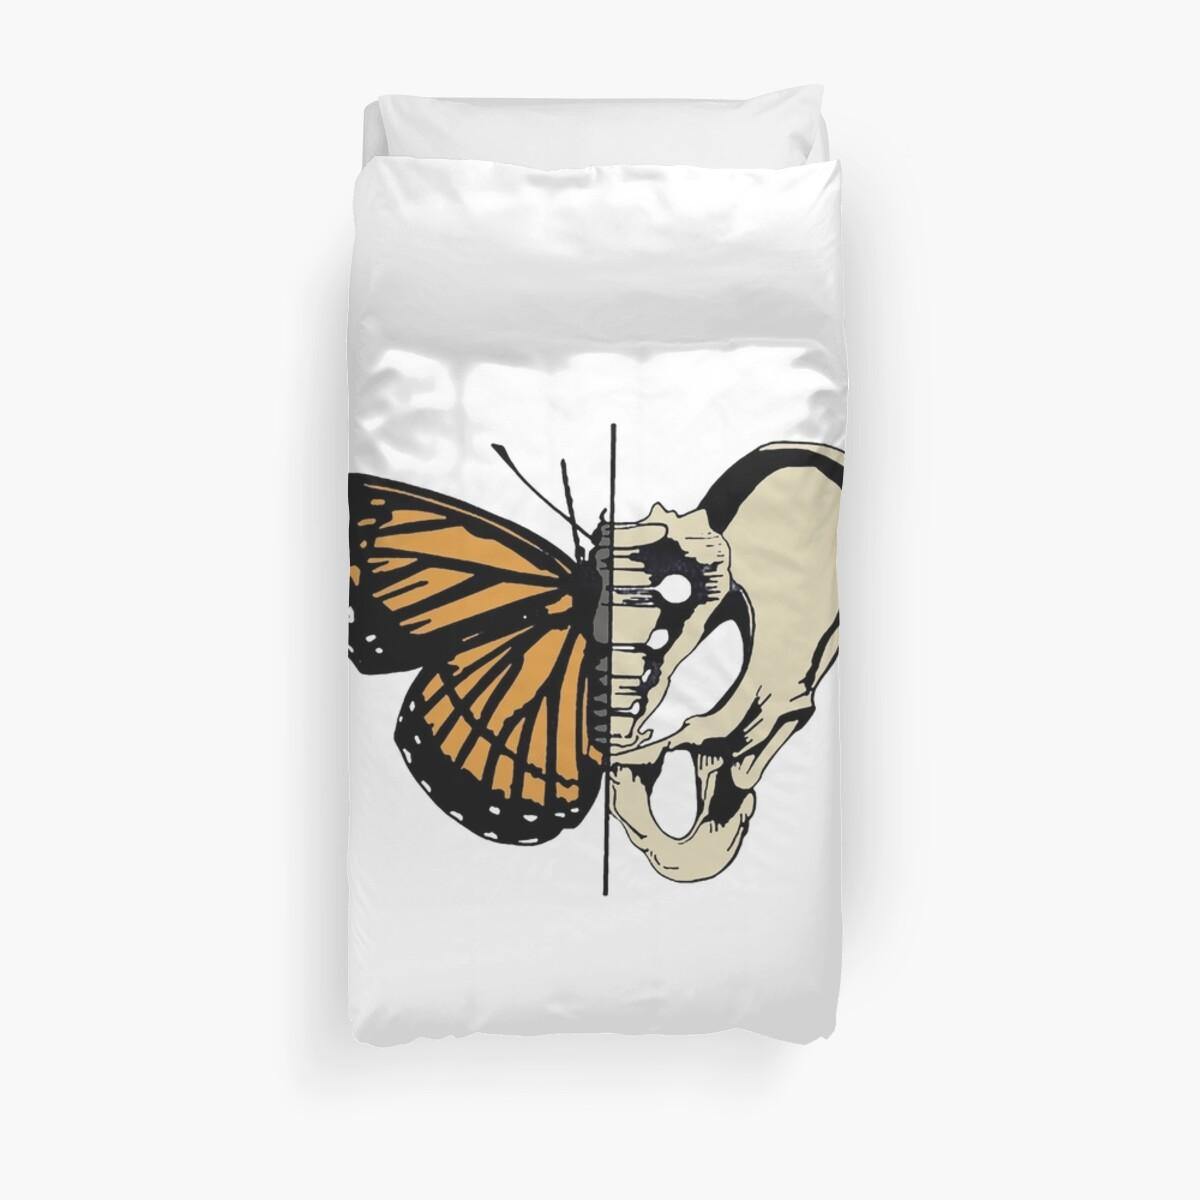 Butterfly Hip Skeleton Bone Metamorphosis Duvet Covers By